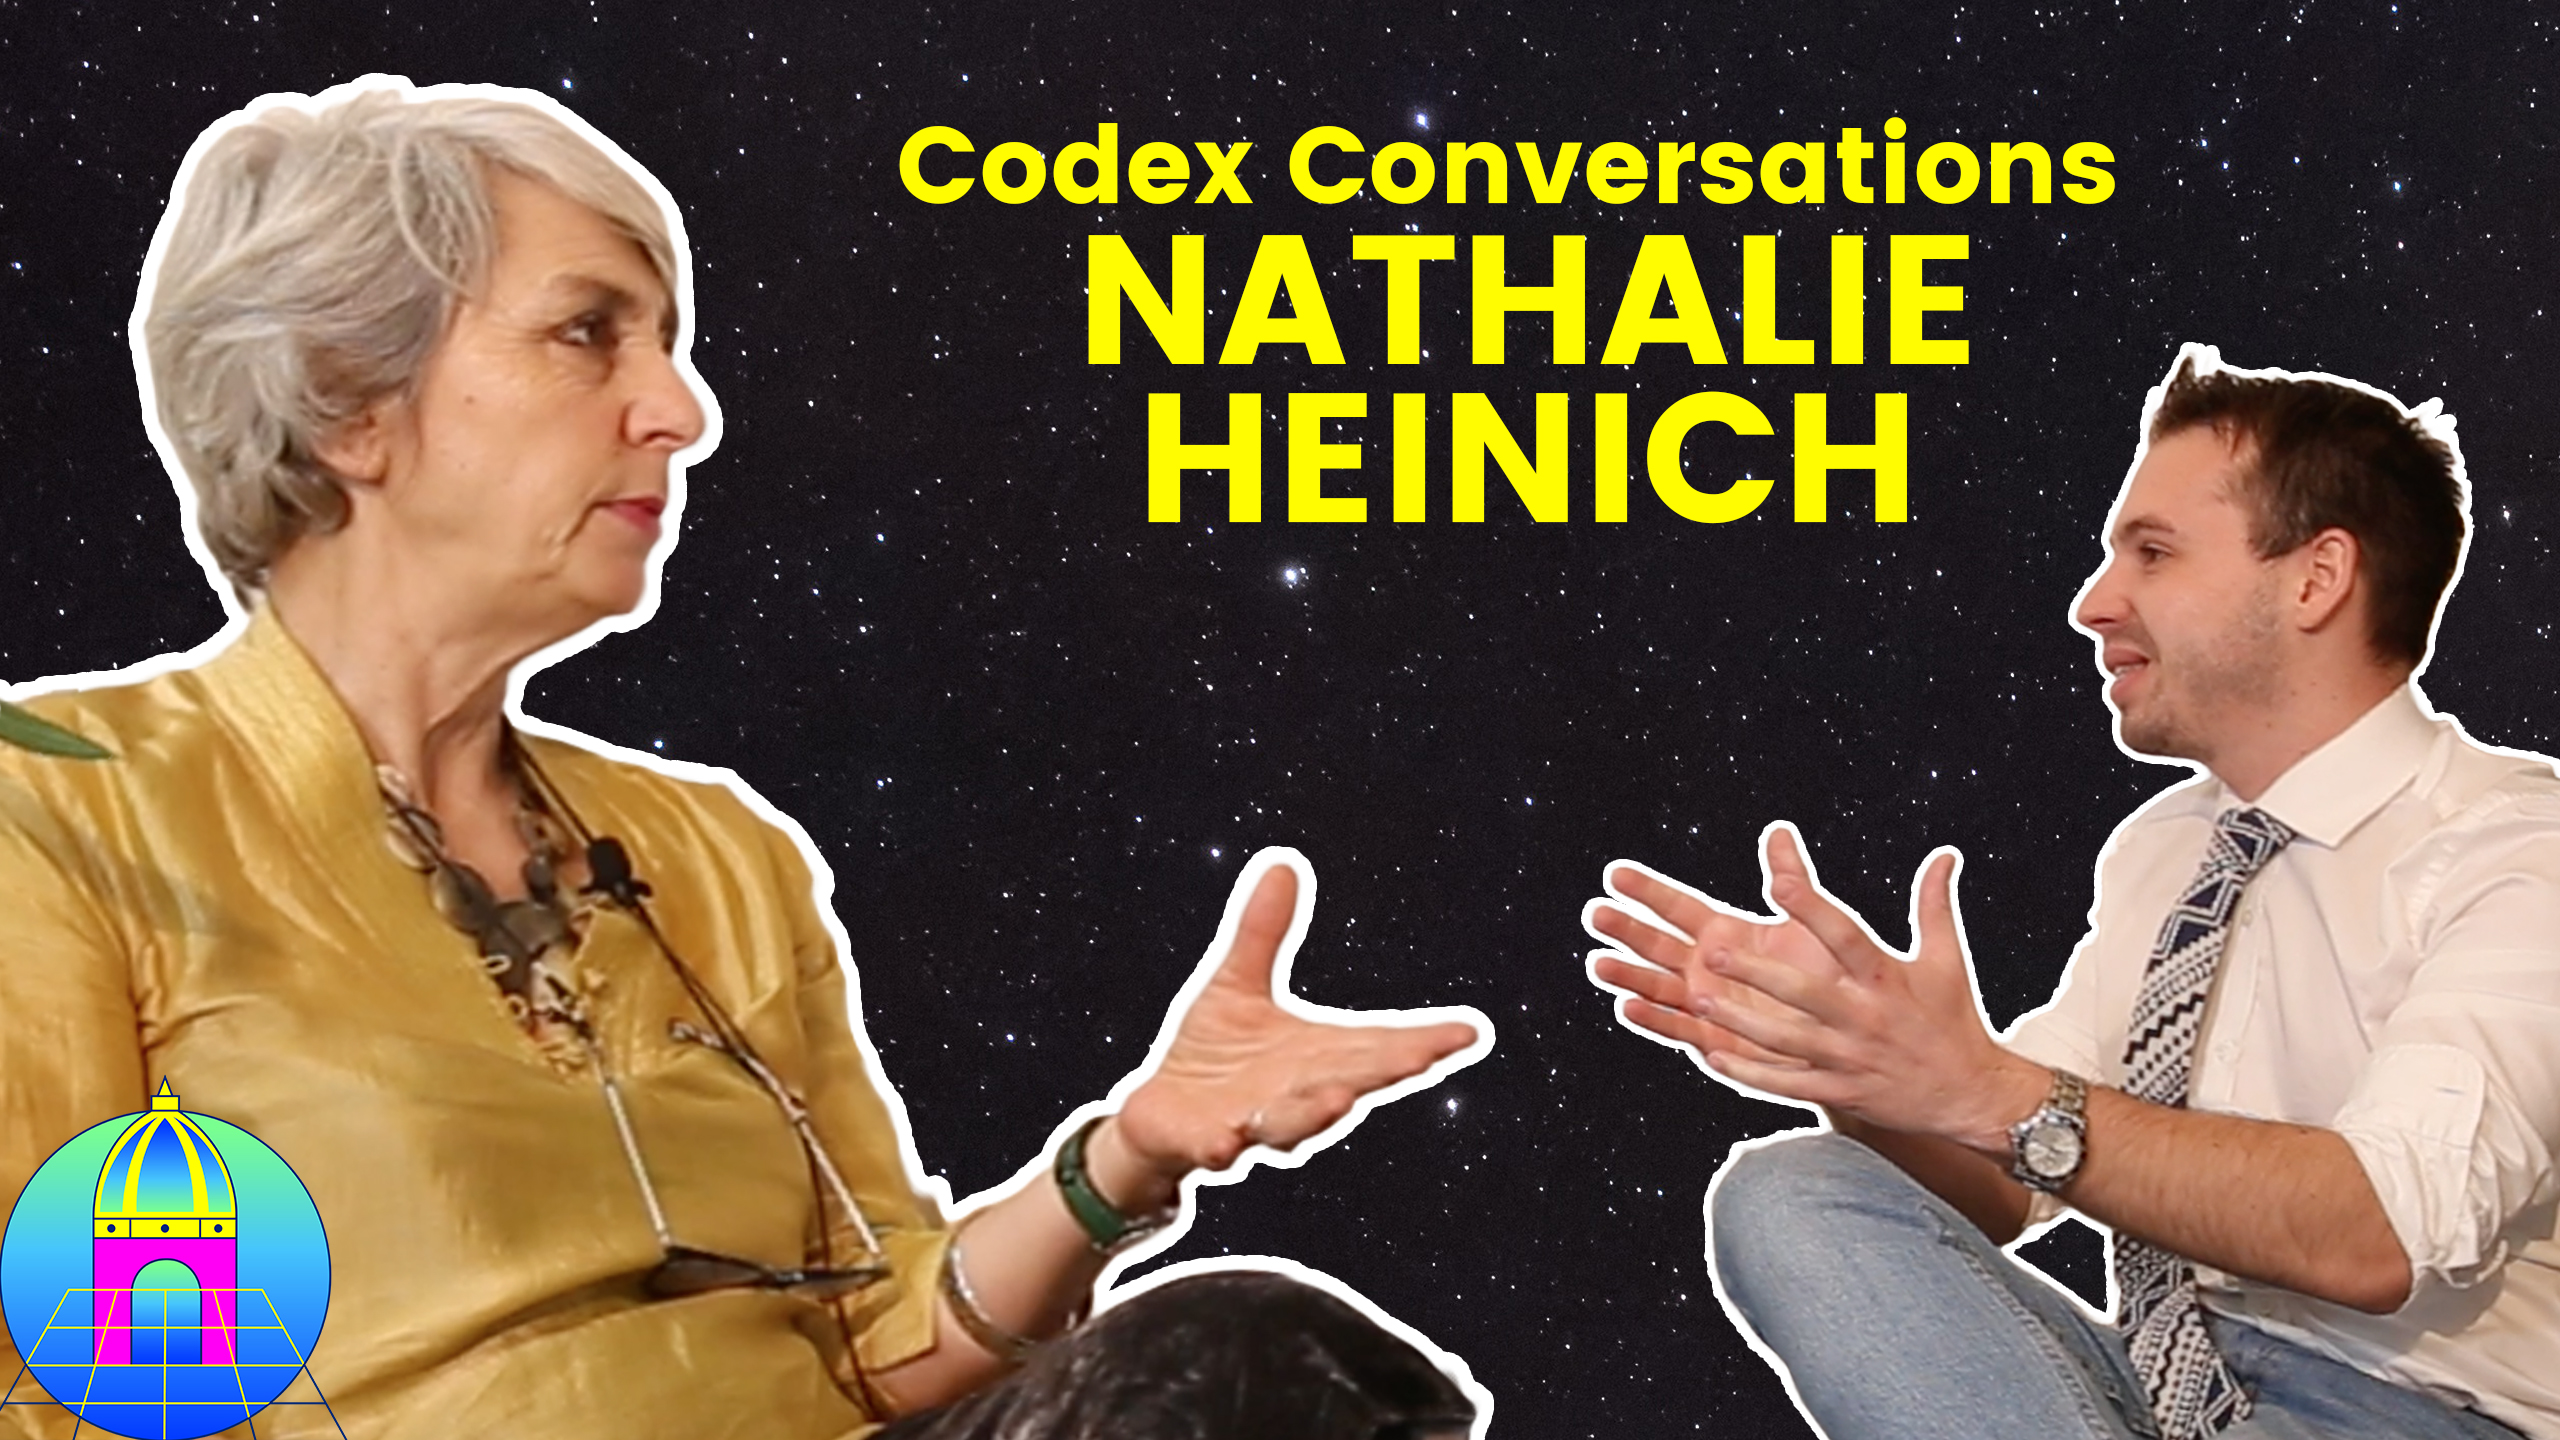 CODEX CONVERSATIONS 03 ✖️ NATHALIE HEINICH